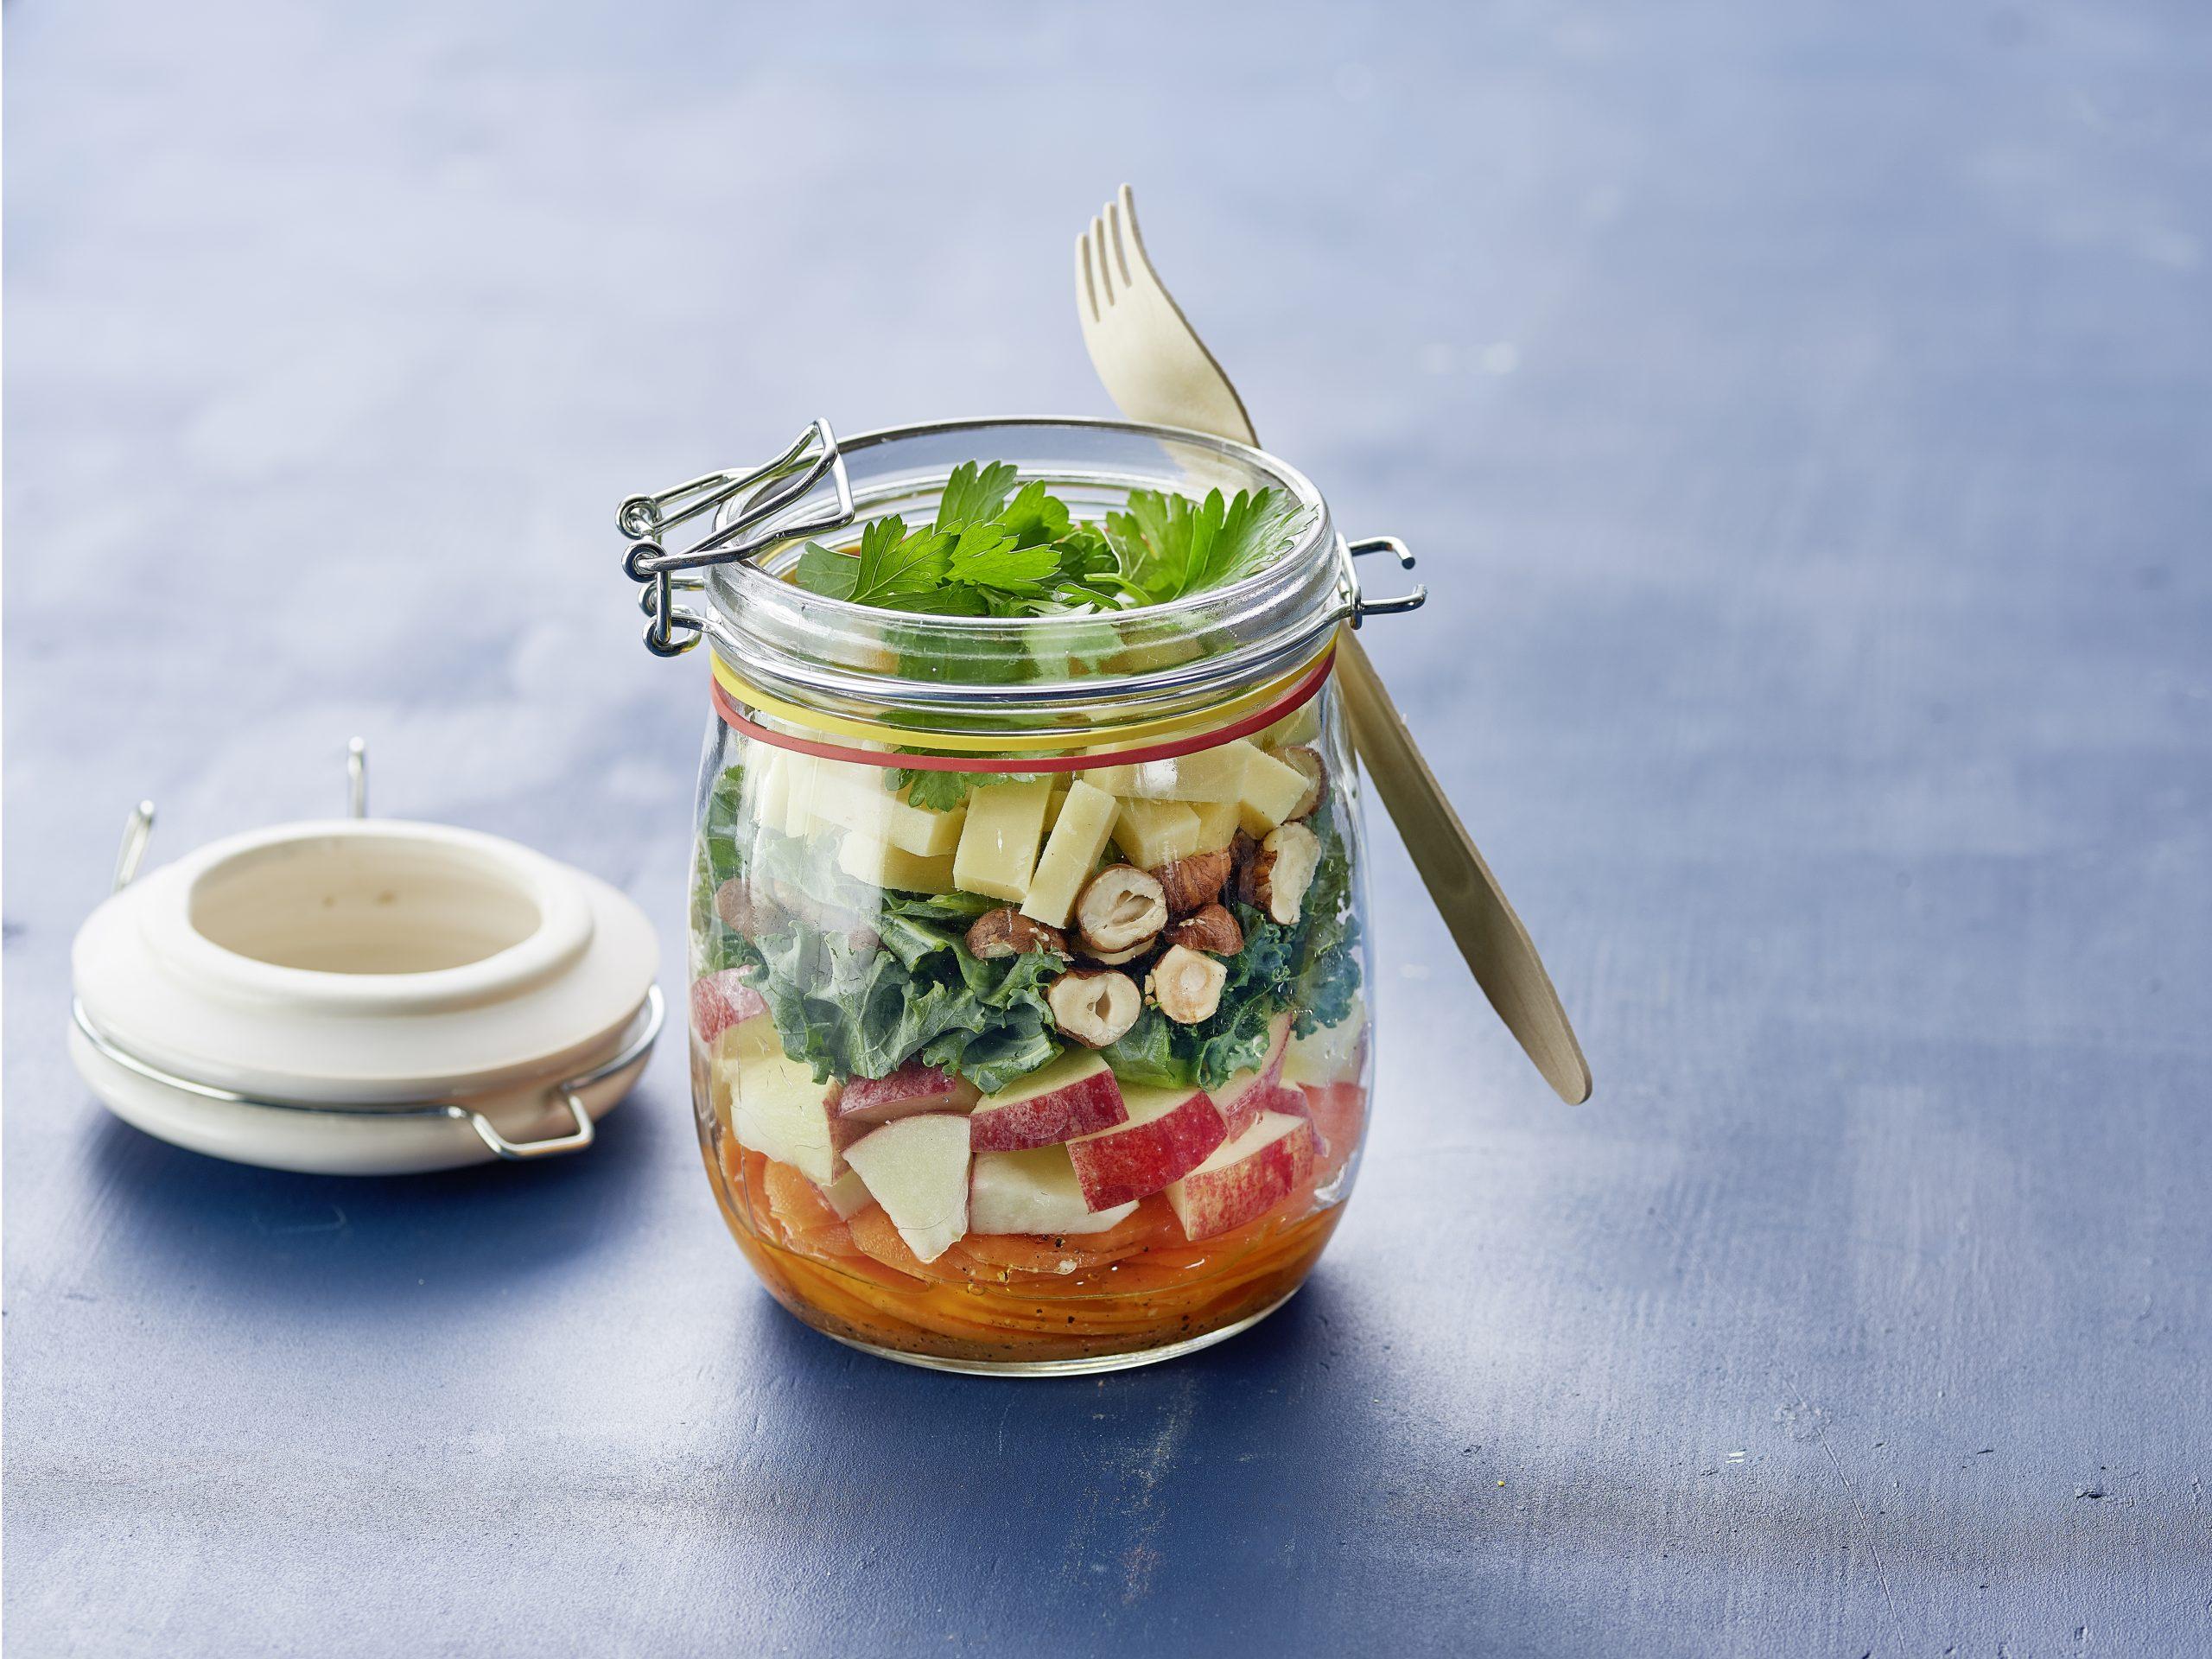 Wintersalat im Glas mit Käse und Honig-Dressing